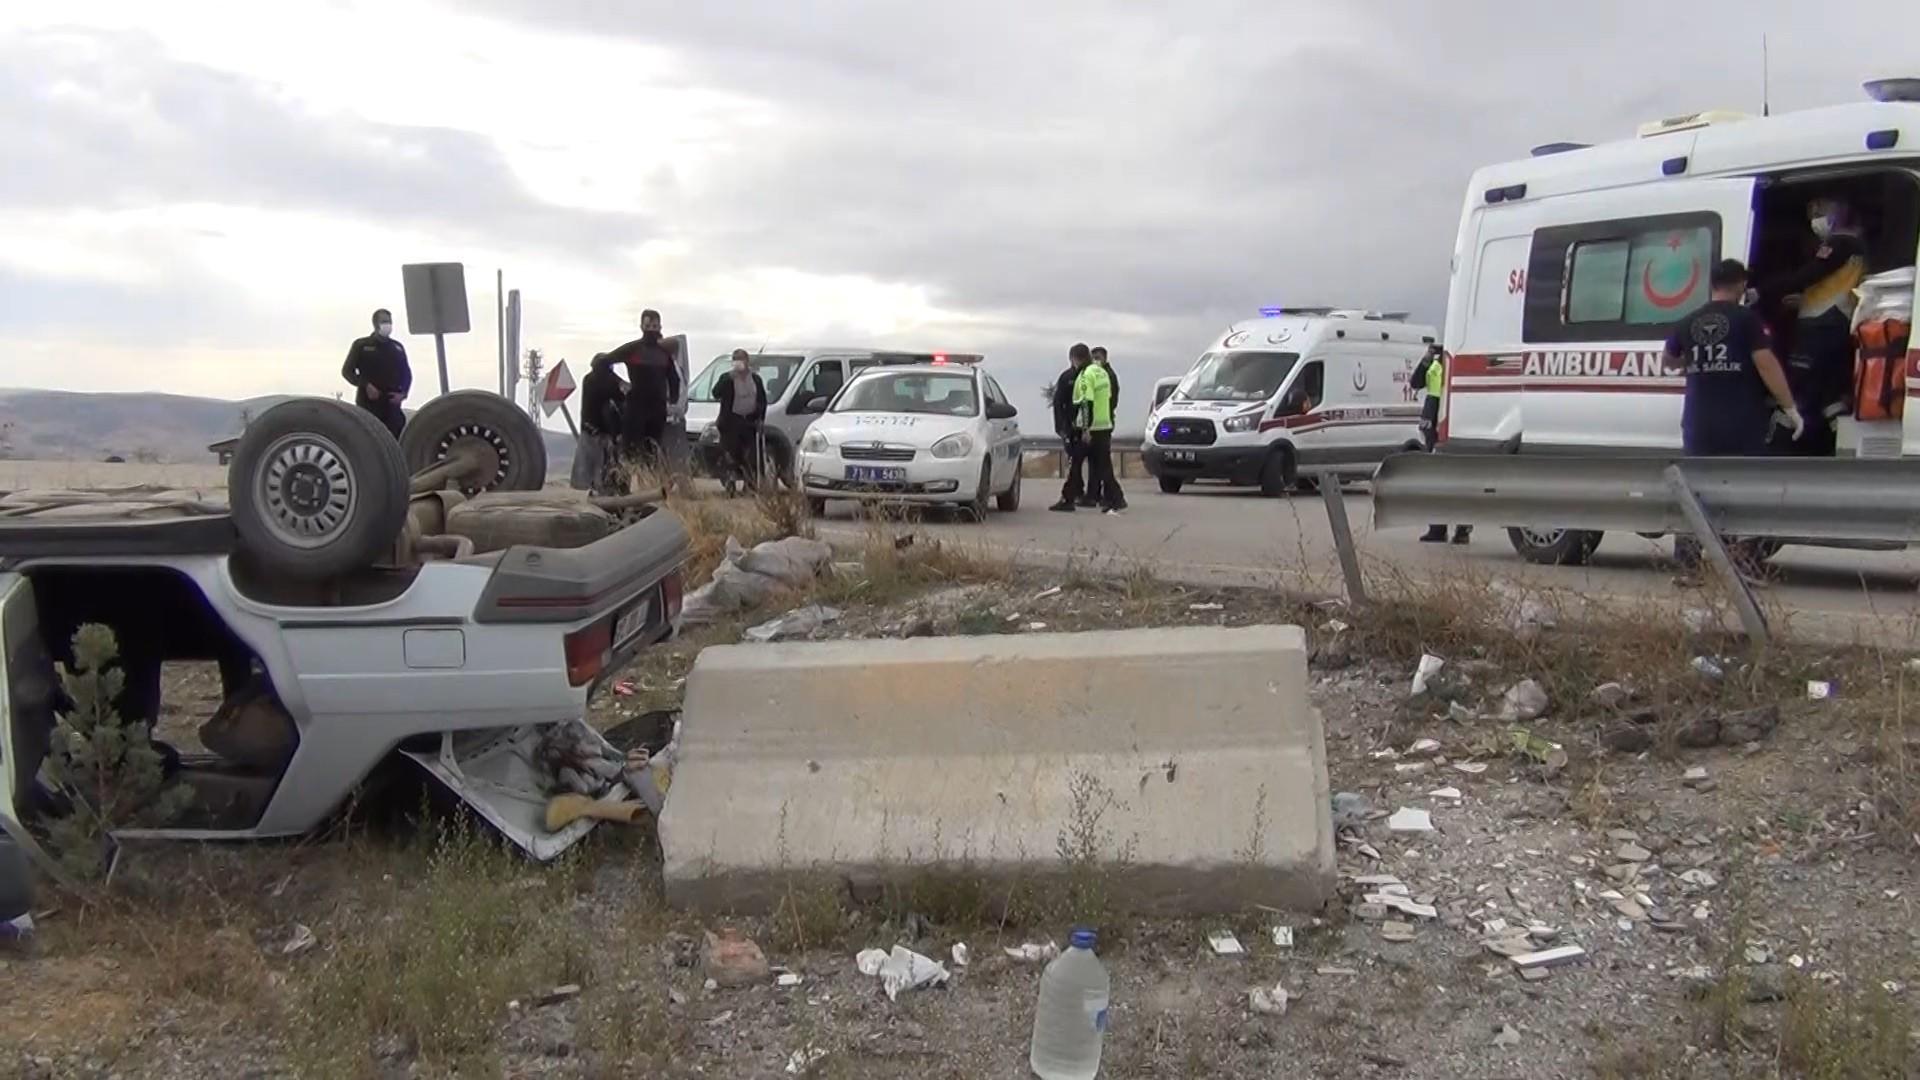 Kırıkkale'de bariyerlere çarpan araç takla attı: 4'ü çocuk 8 yaralı